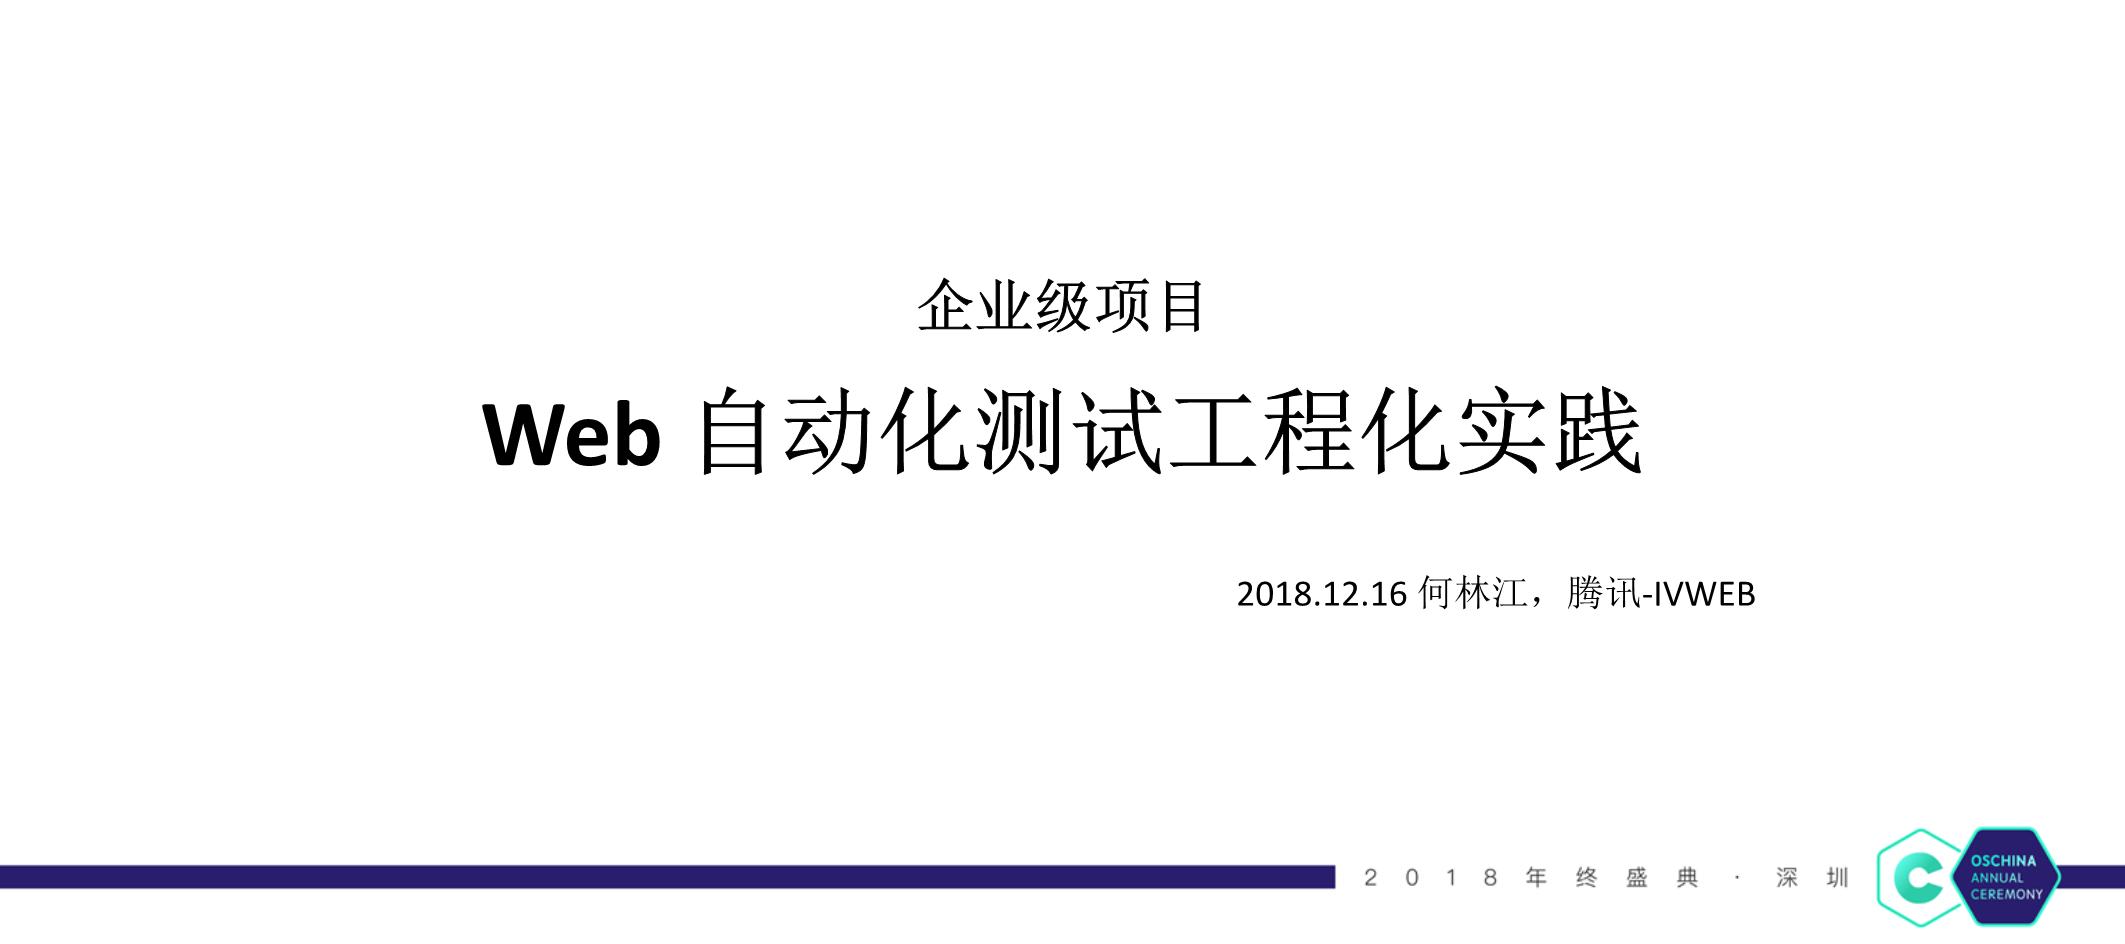 何林江-企业级项目的 Web 自动化测试工程化实践